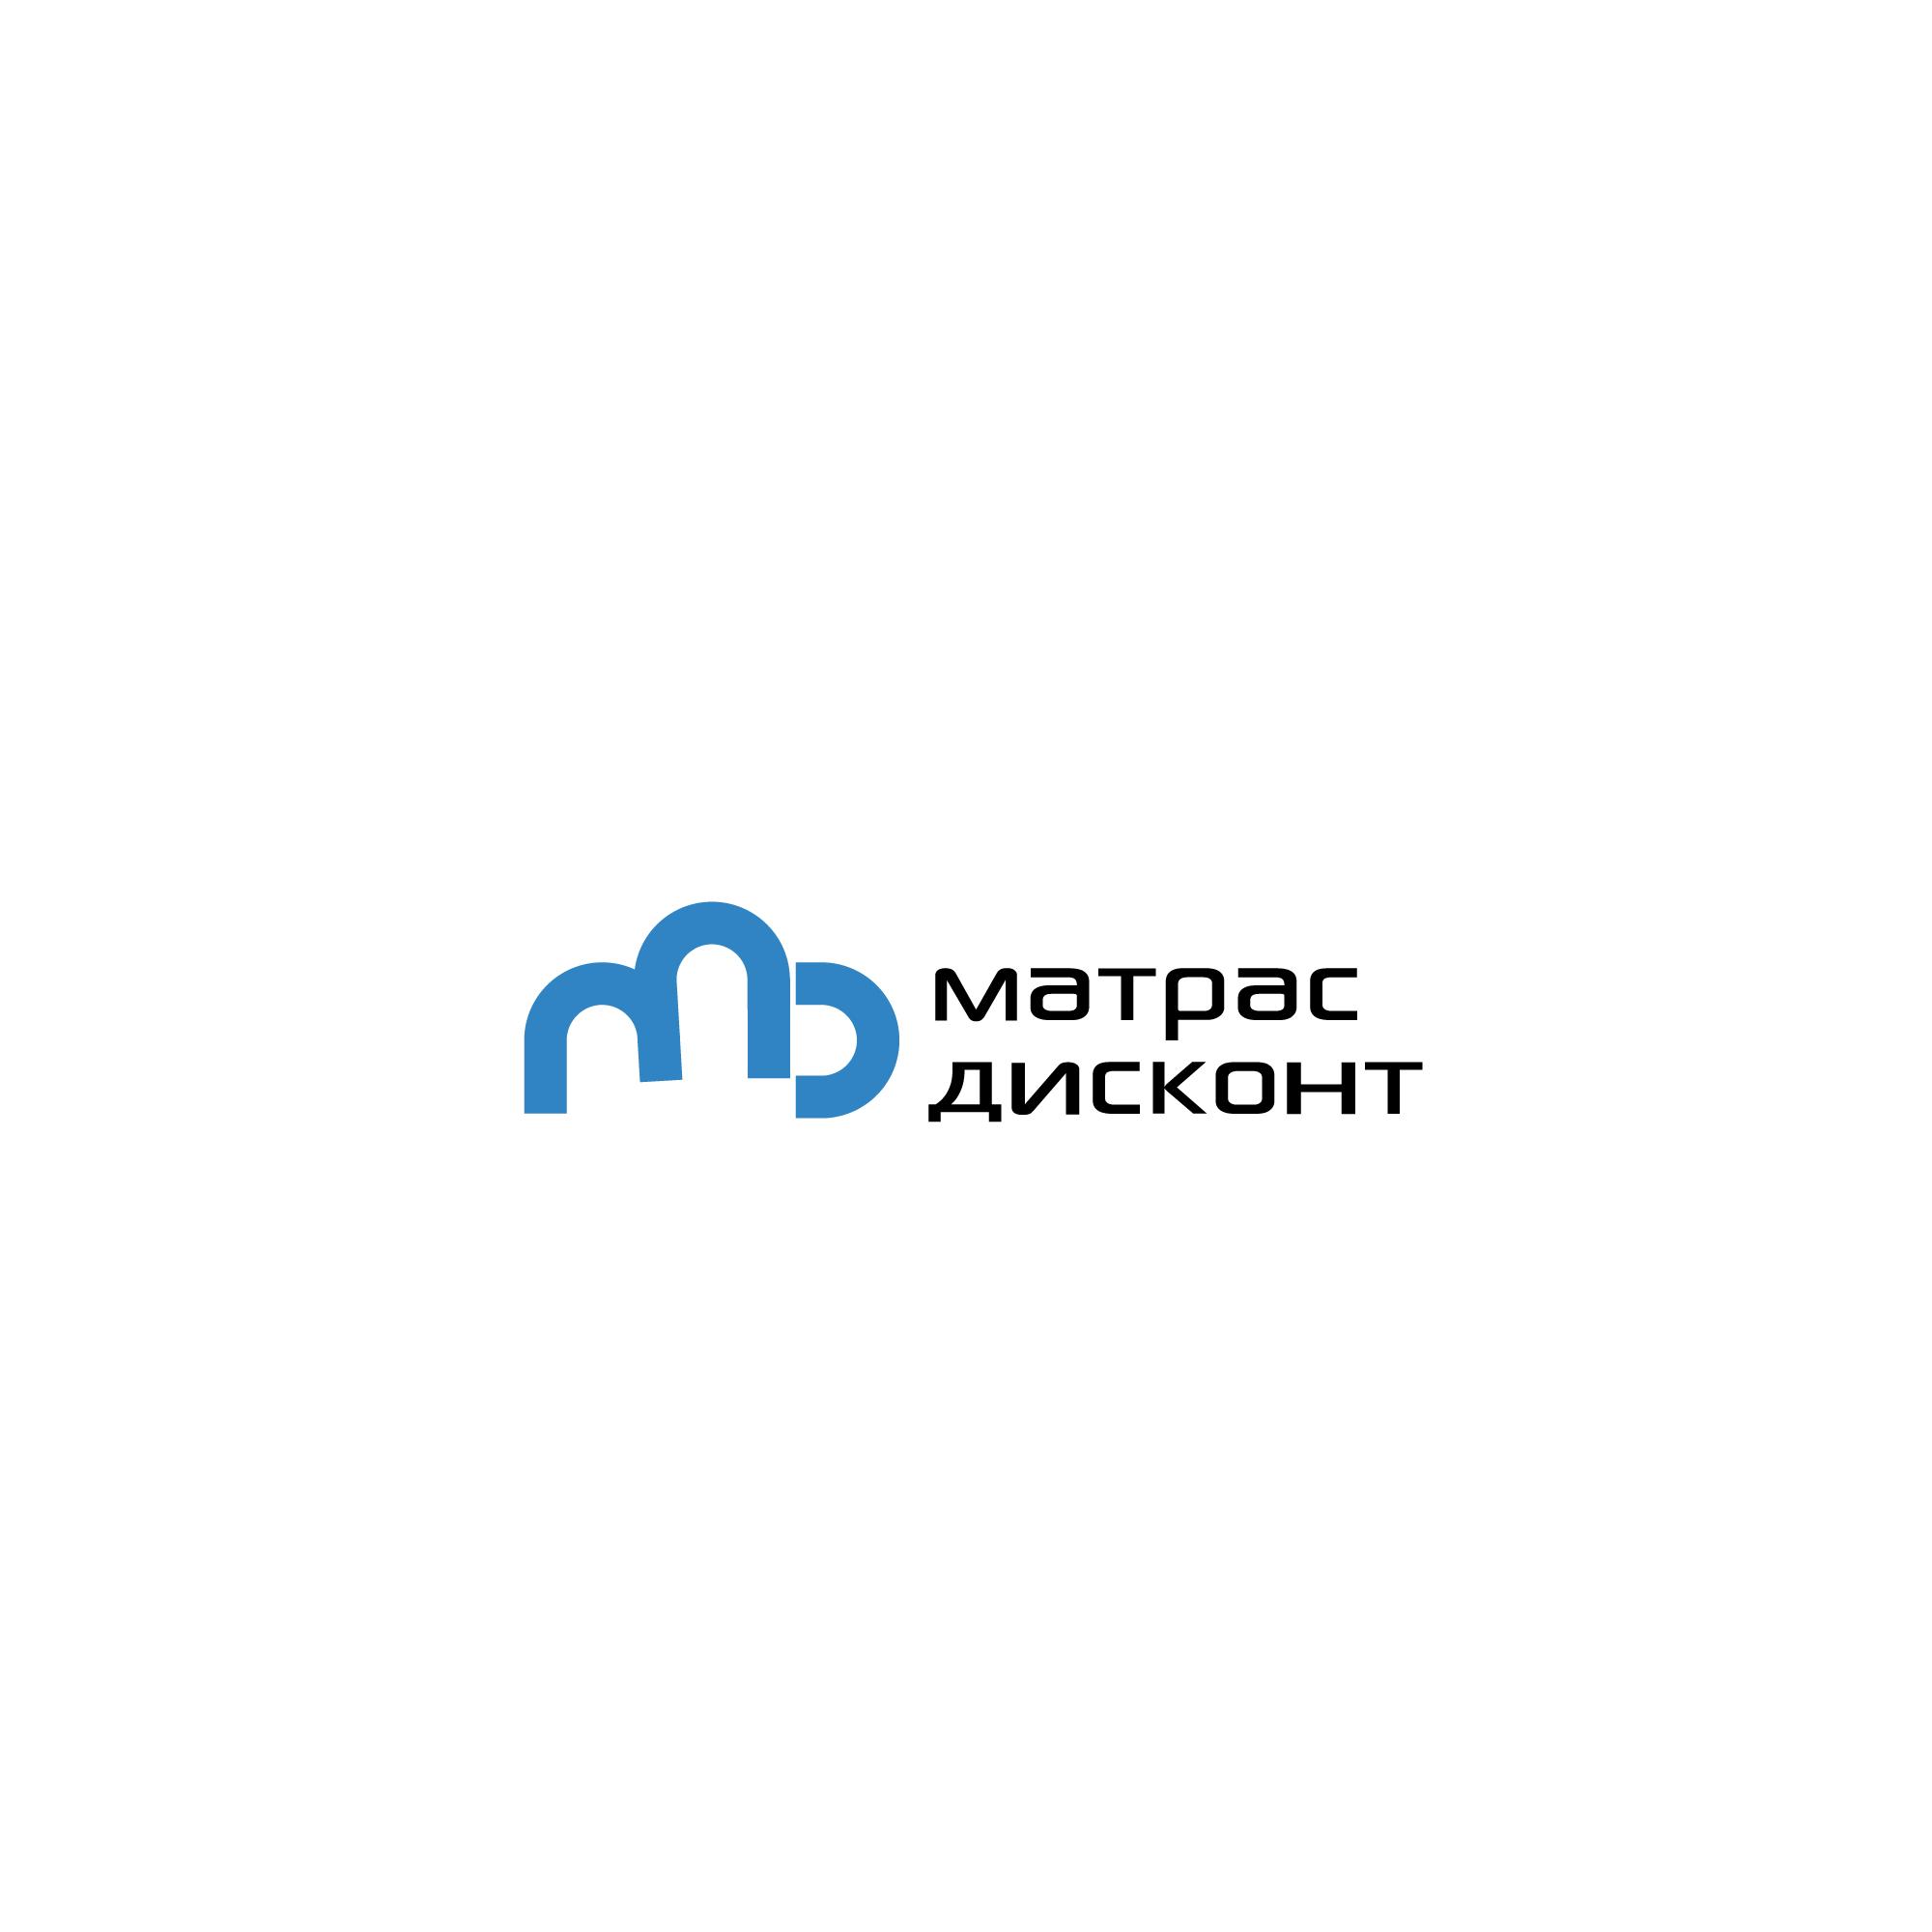 Логотип для ИМ матрасов фото f_4805c868d6ca1343.jpg